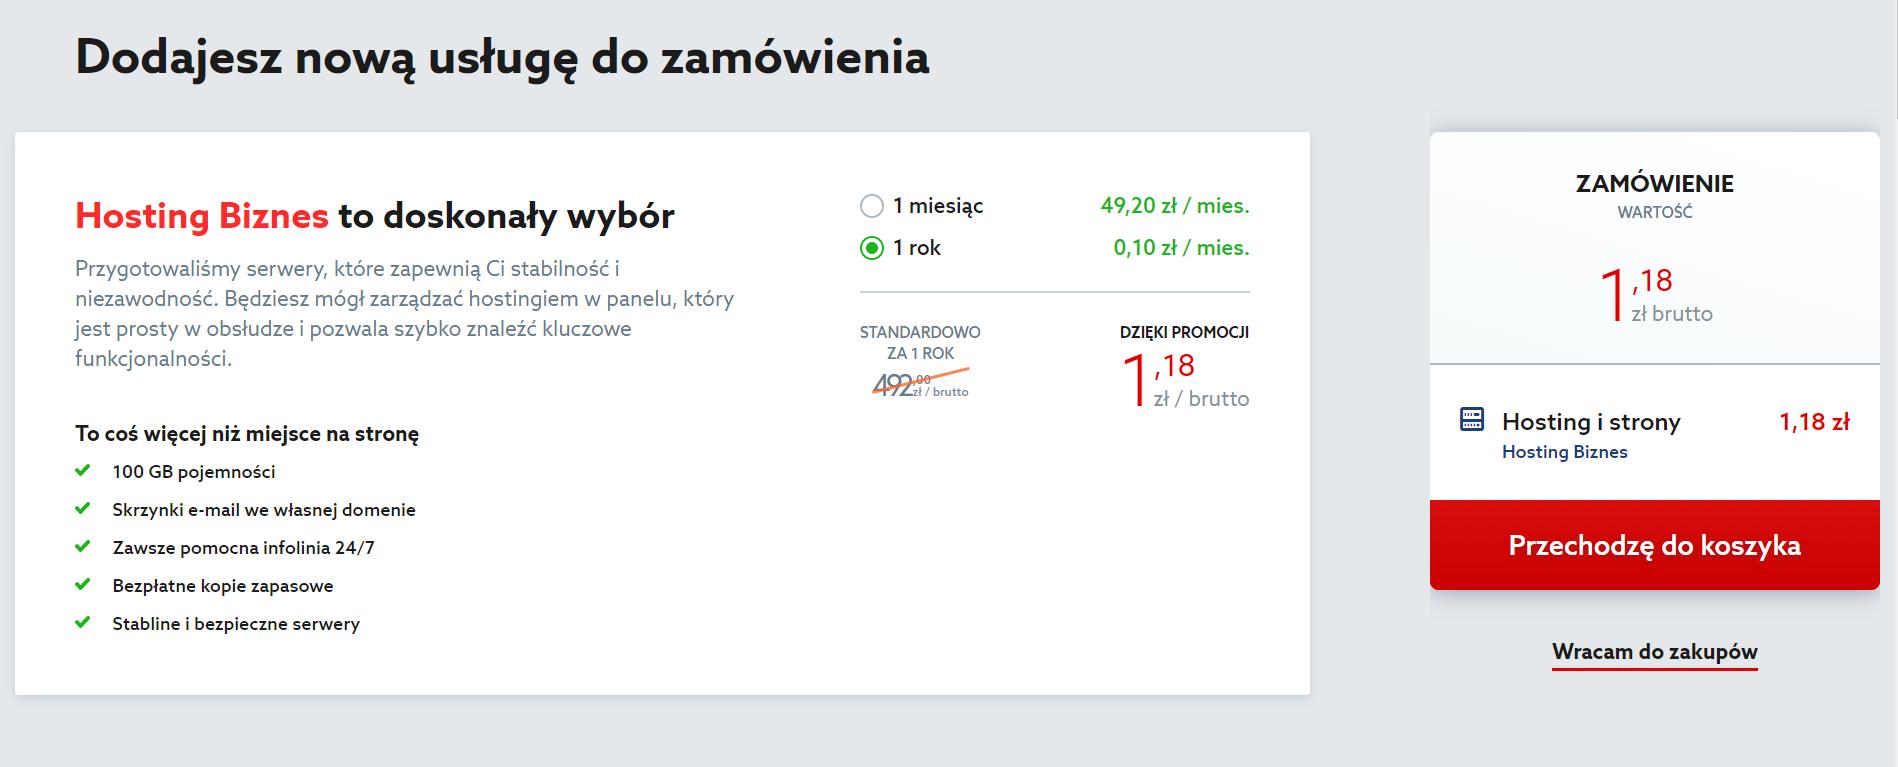 Home.pl - Menu - Hosting - Oferta - Zamówienie - Po wybraniu okresu rozliczeniowego, kliknij czerwony przycisk Przechodzę do koszyka